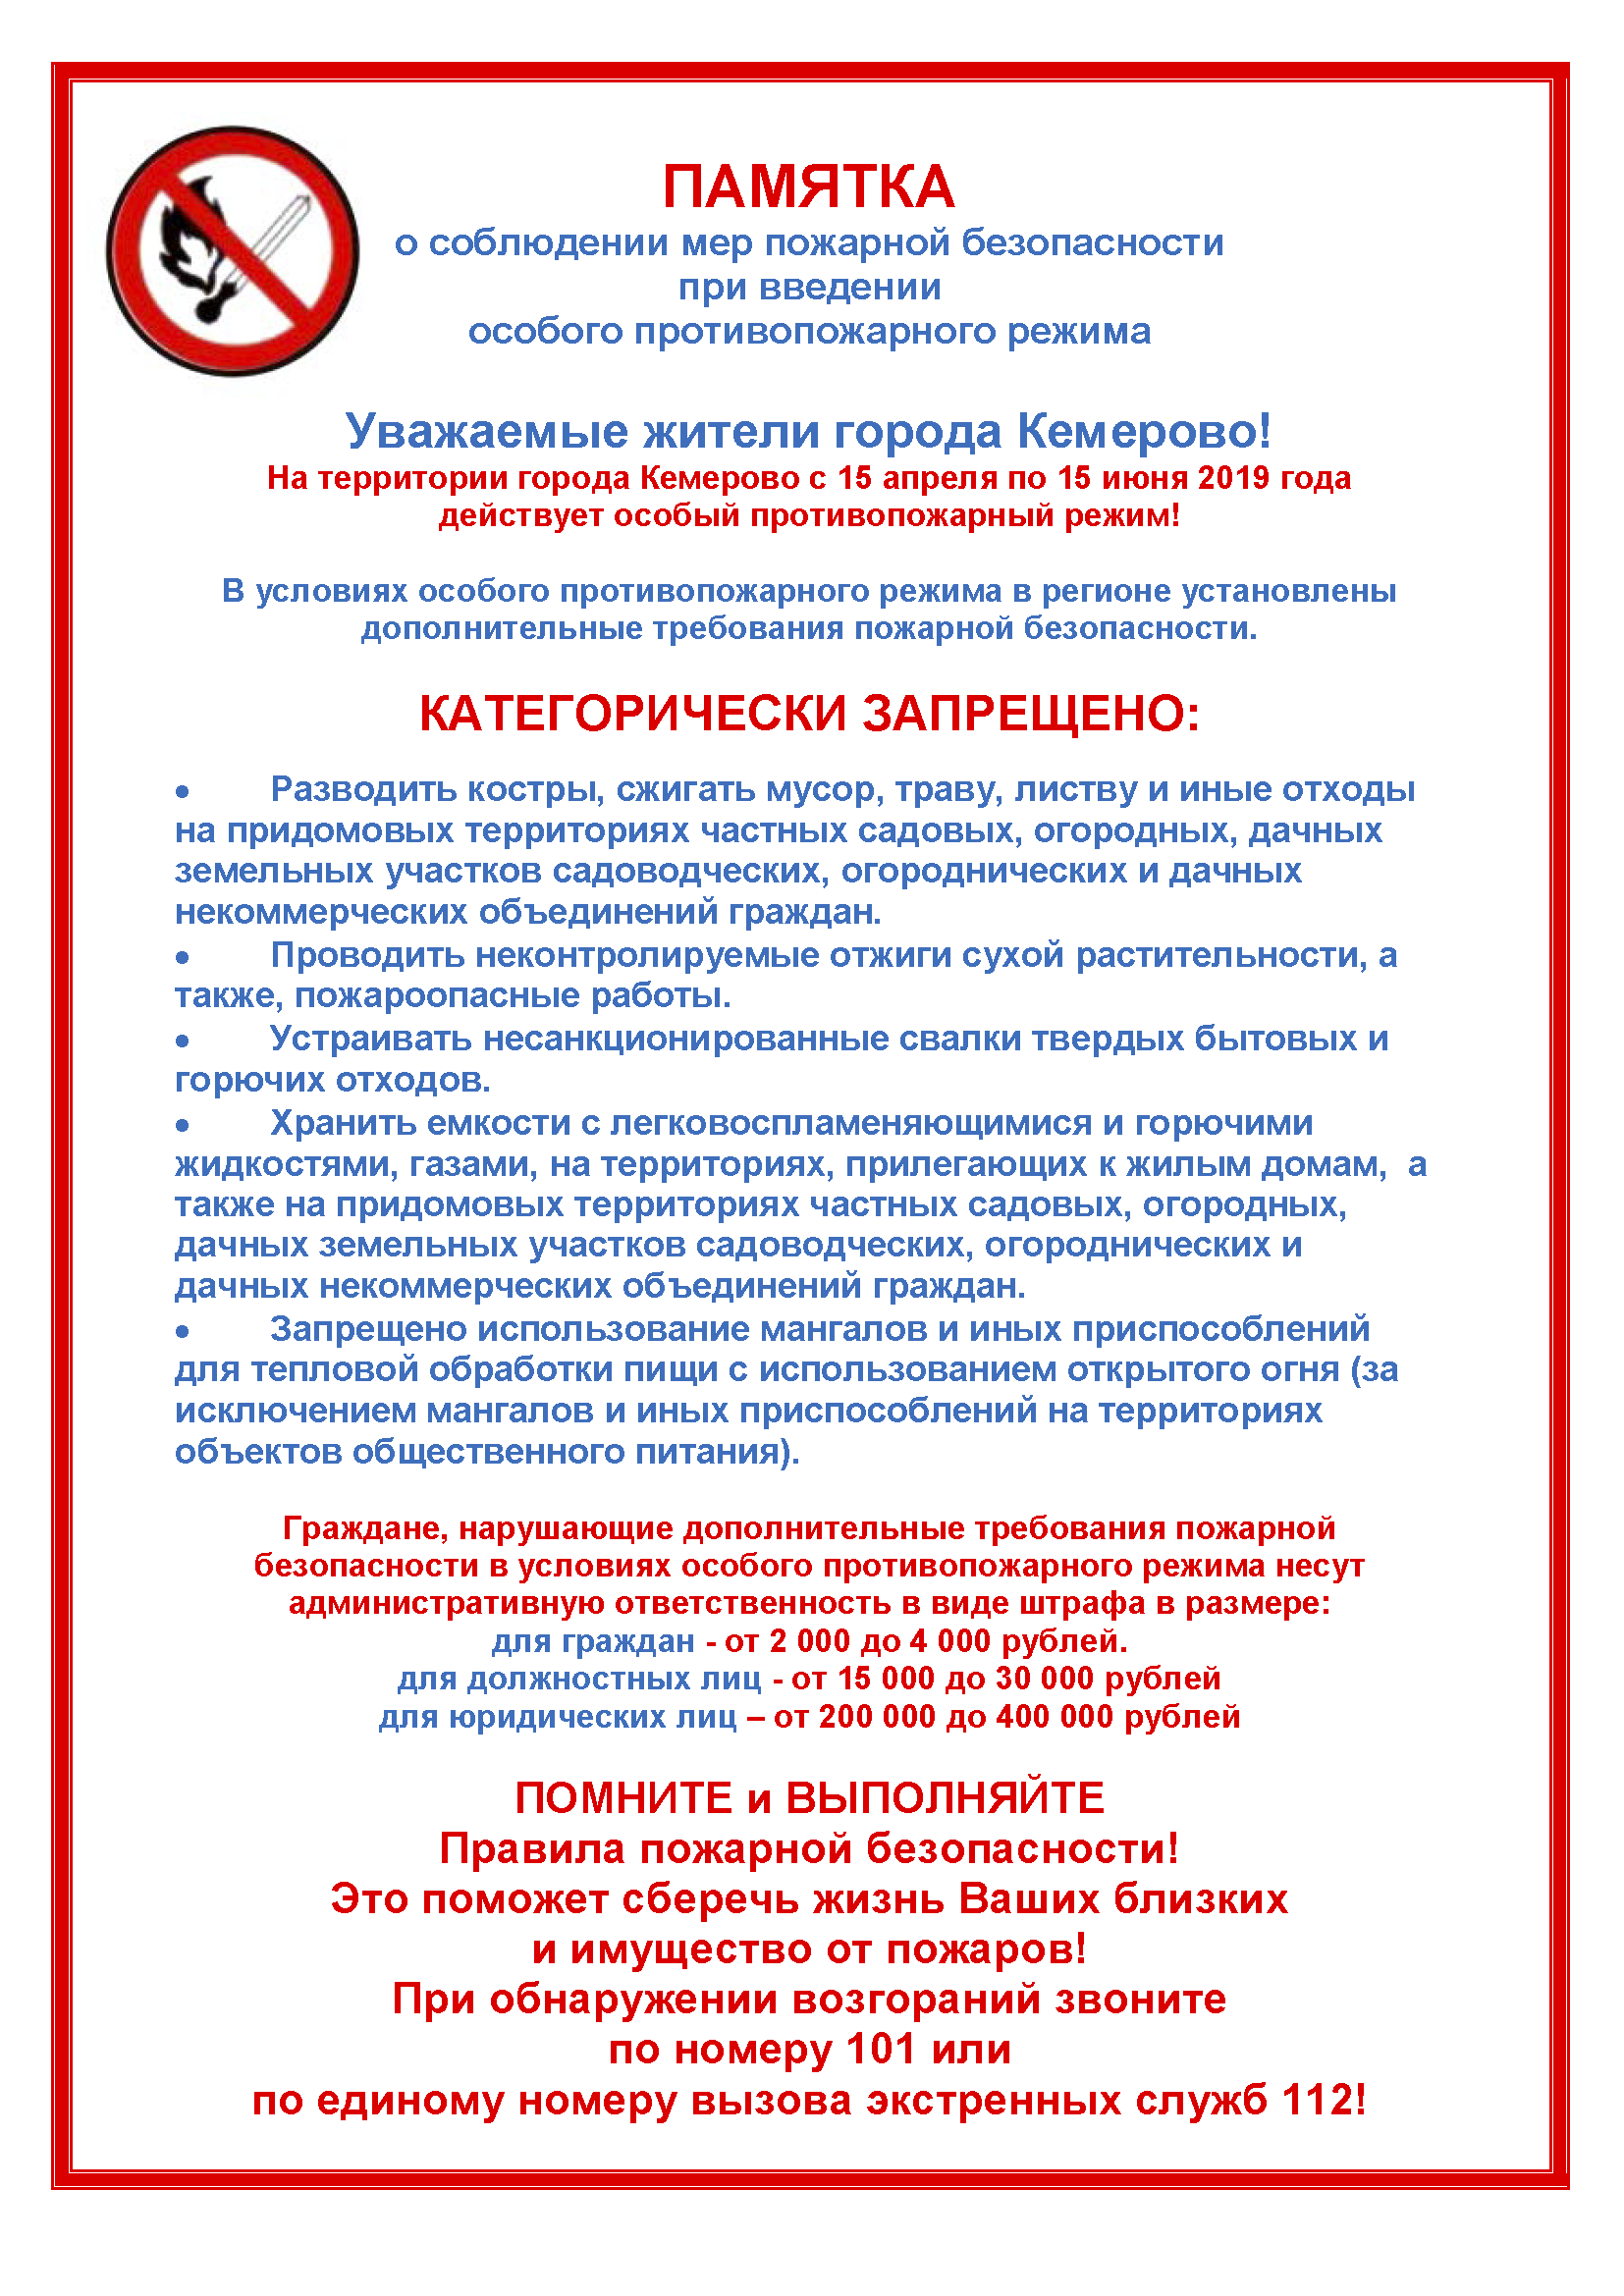 кемеровское отделение 8615 пао сбербанк г кемерово телефон срочные займы на карту без проверок и отказа